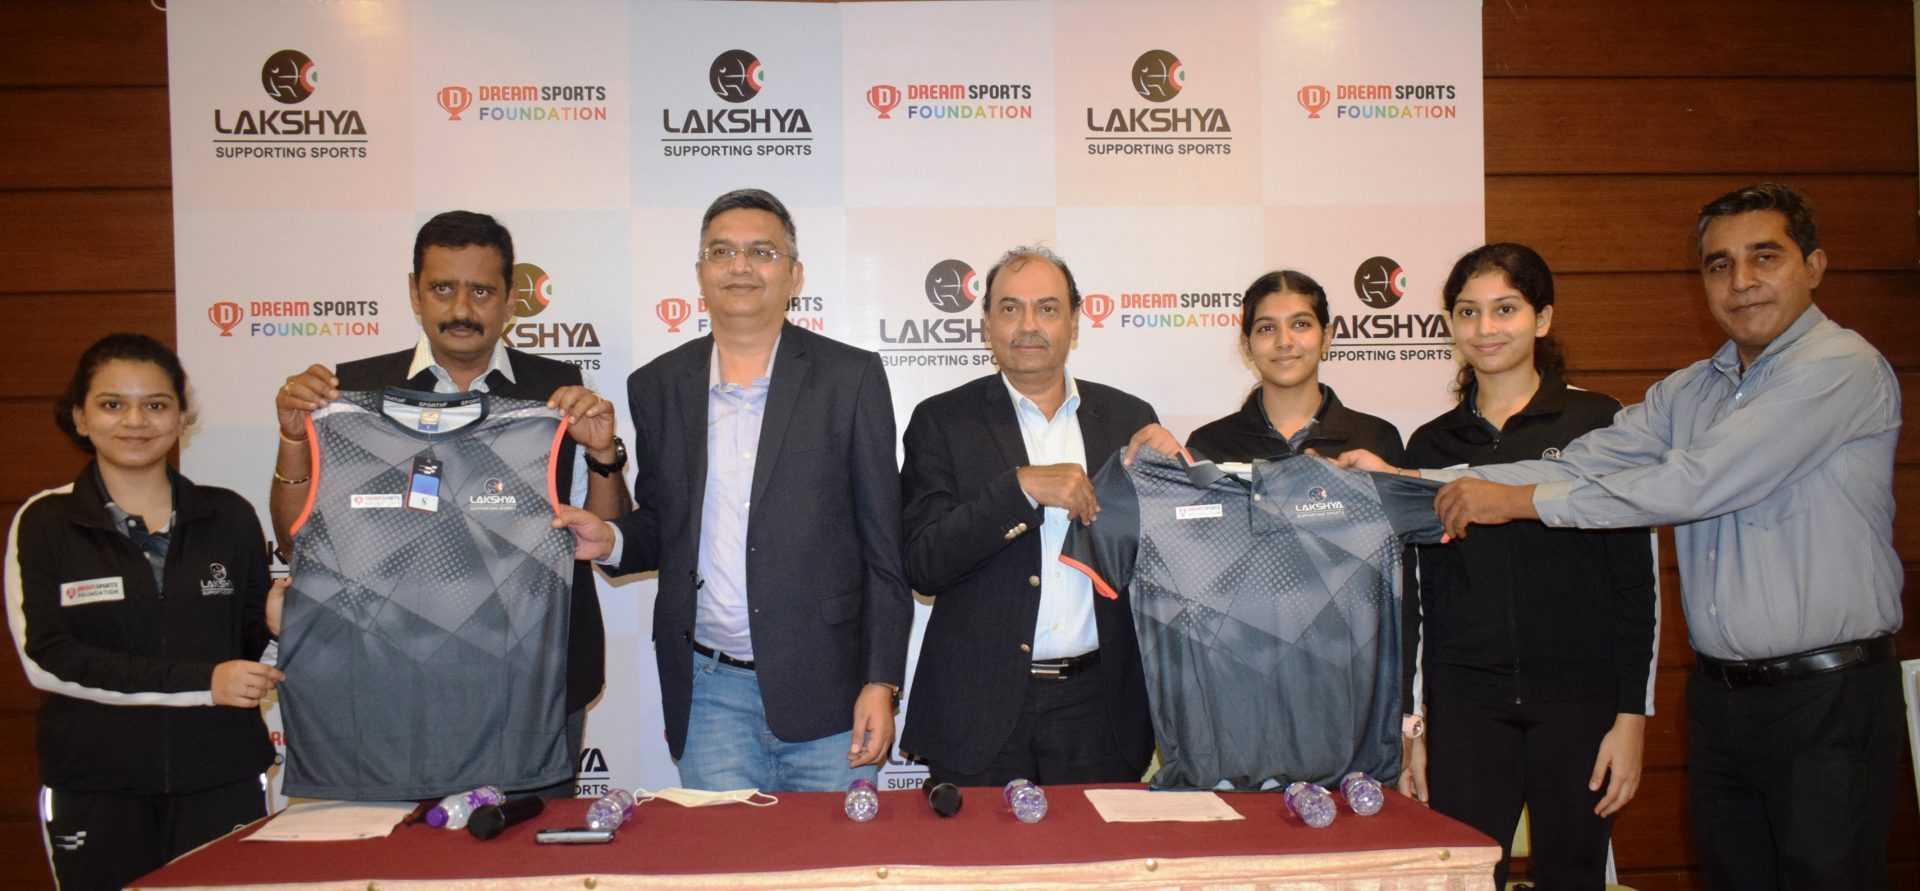 भारतीय ऑलिंपिकपटूसाठी 'एक स्वप्न, एक लक्ष्य' मोहिमेचे आयोजन